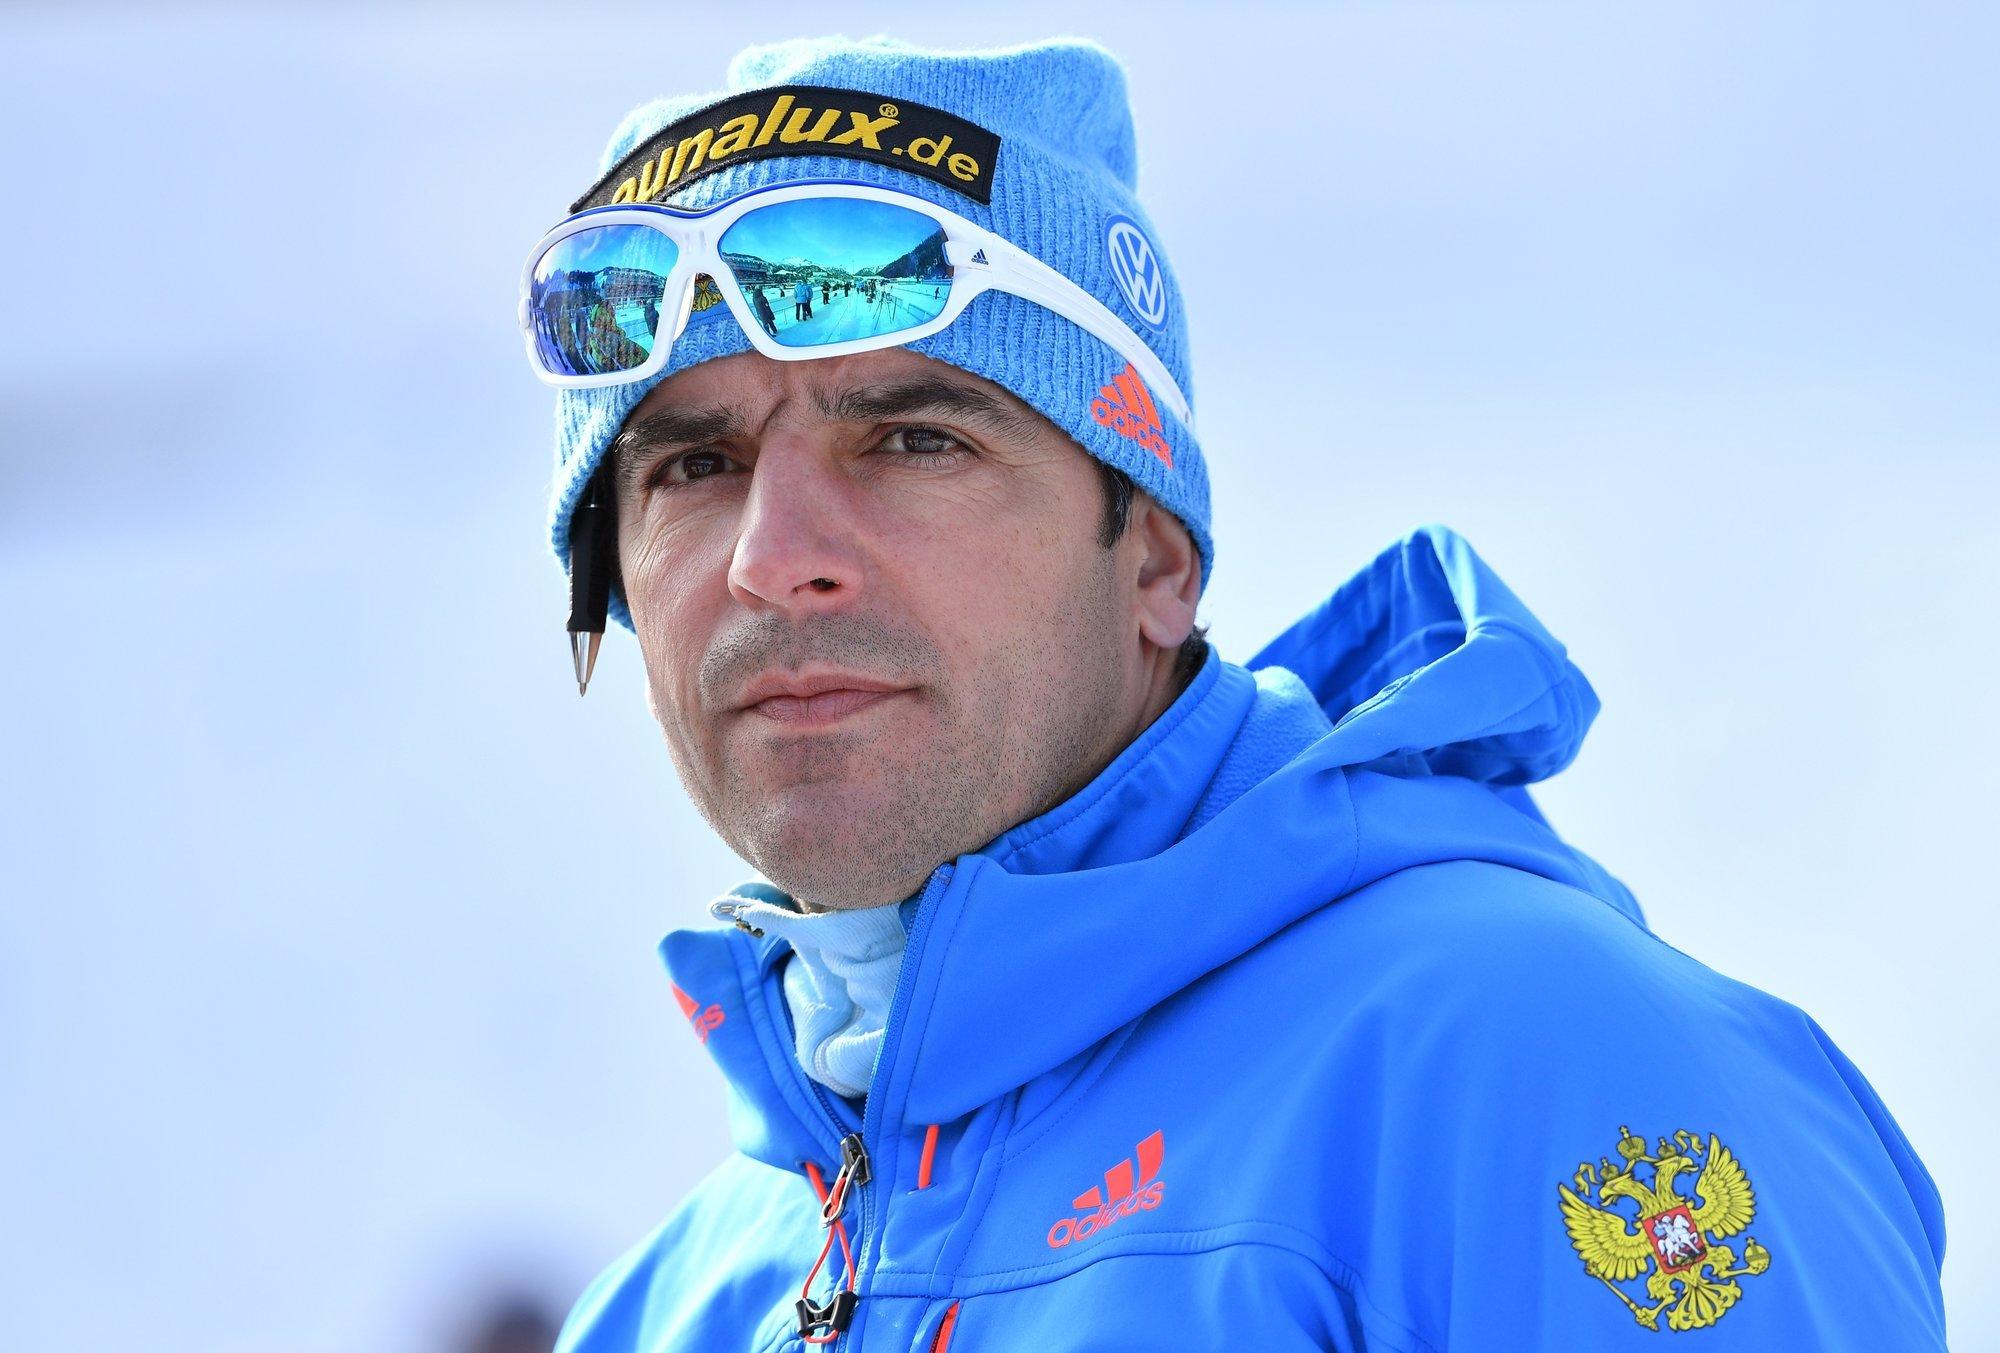 Экс-тренер сборной Российской Федерации Гросс возглавил команду Австрии побиатлону